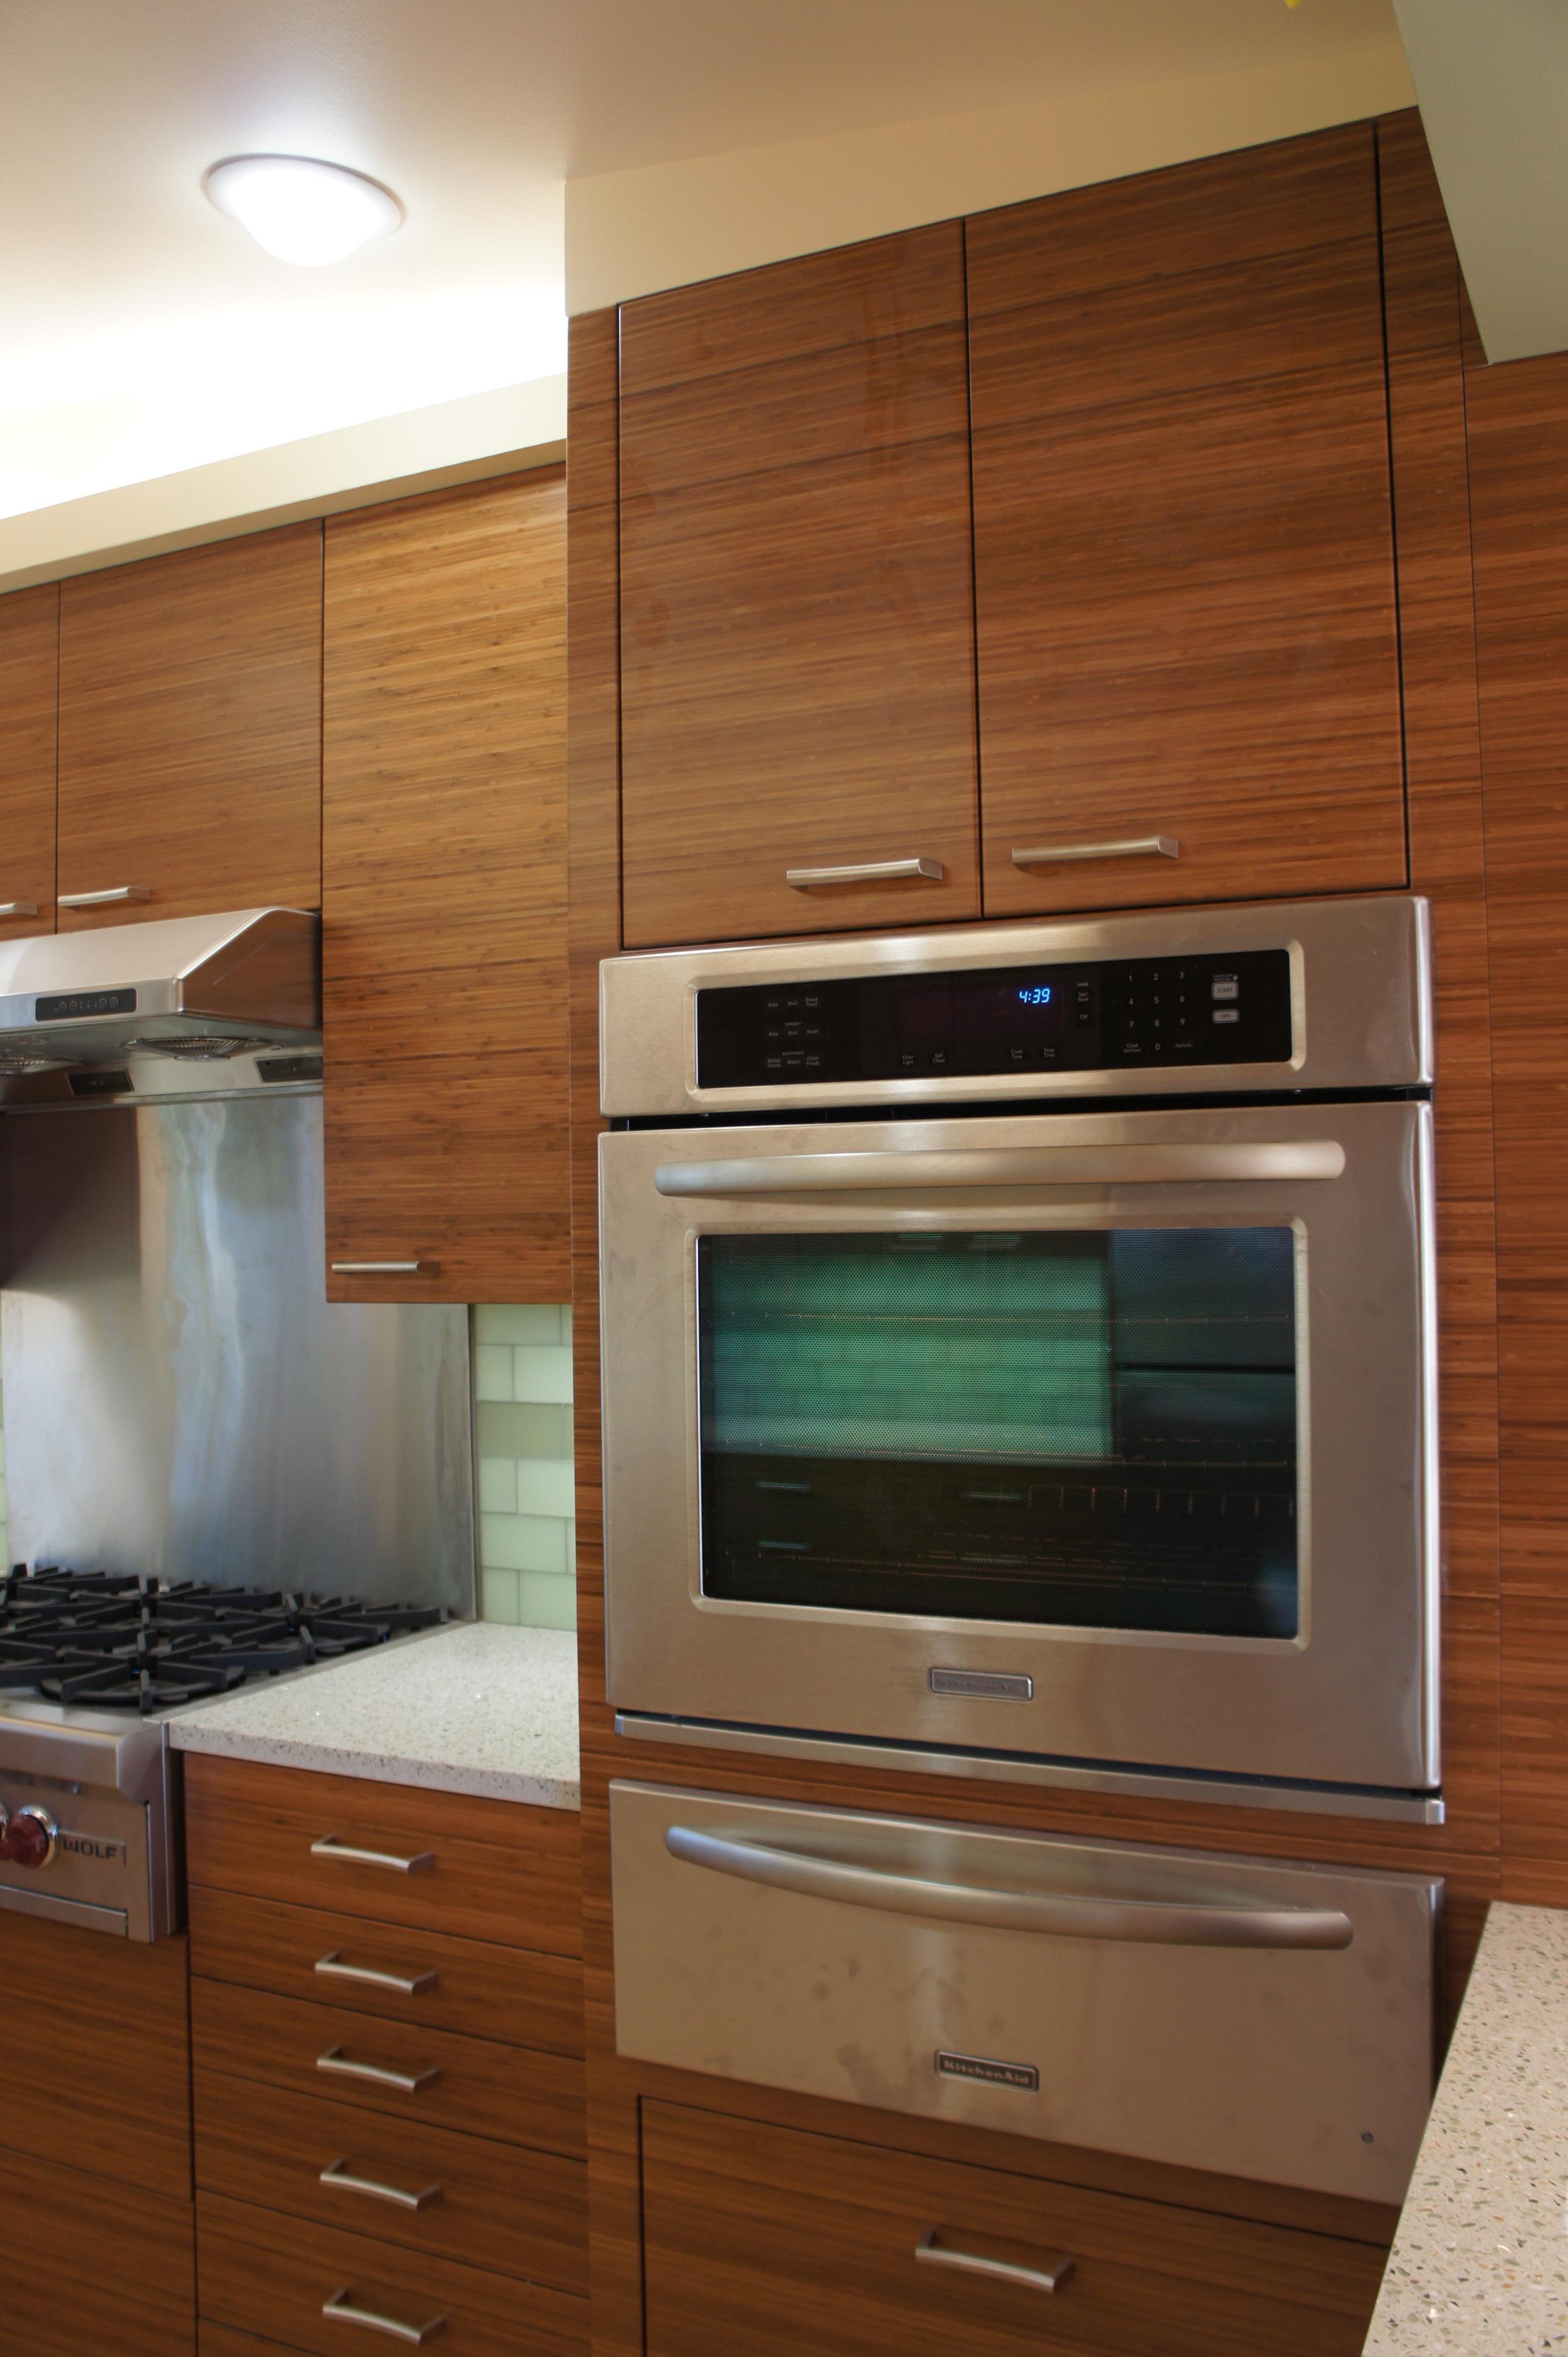 range & oven closer.JPG